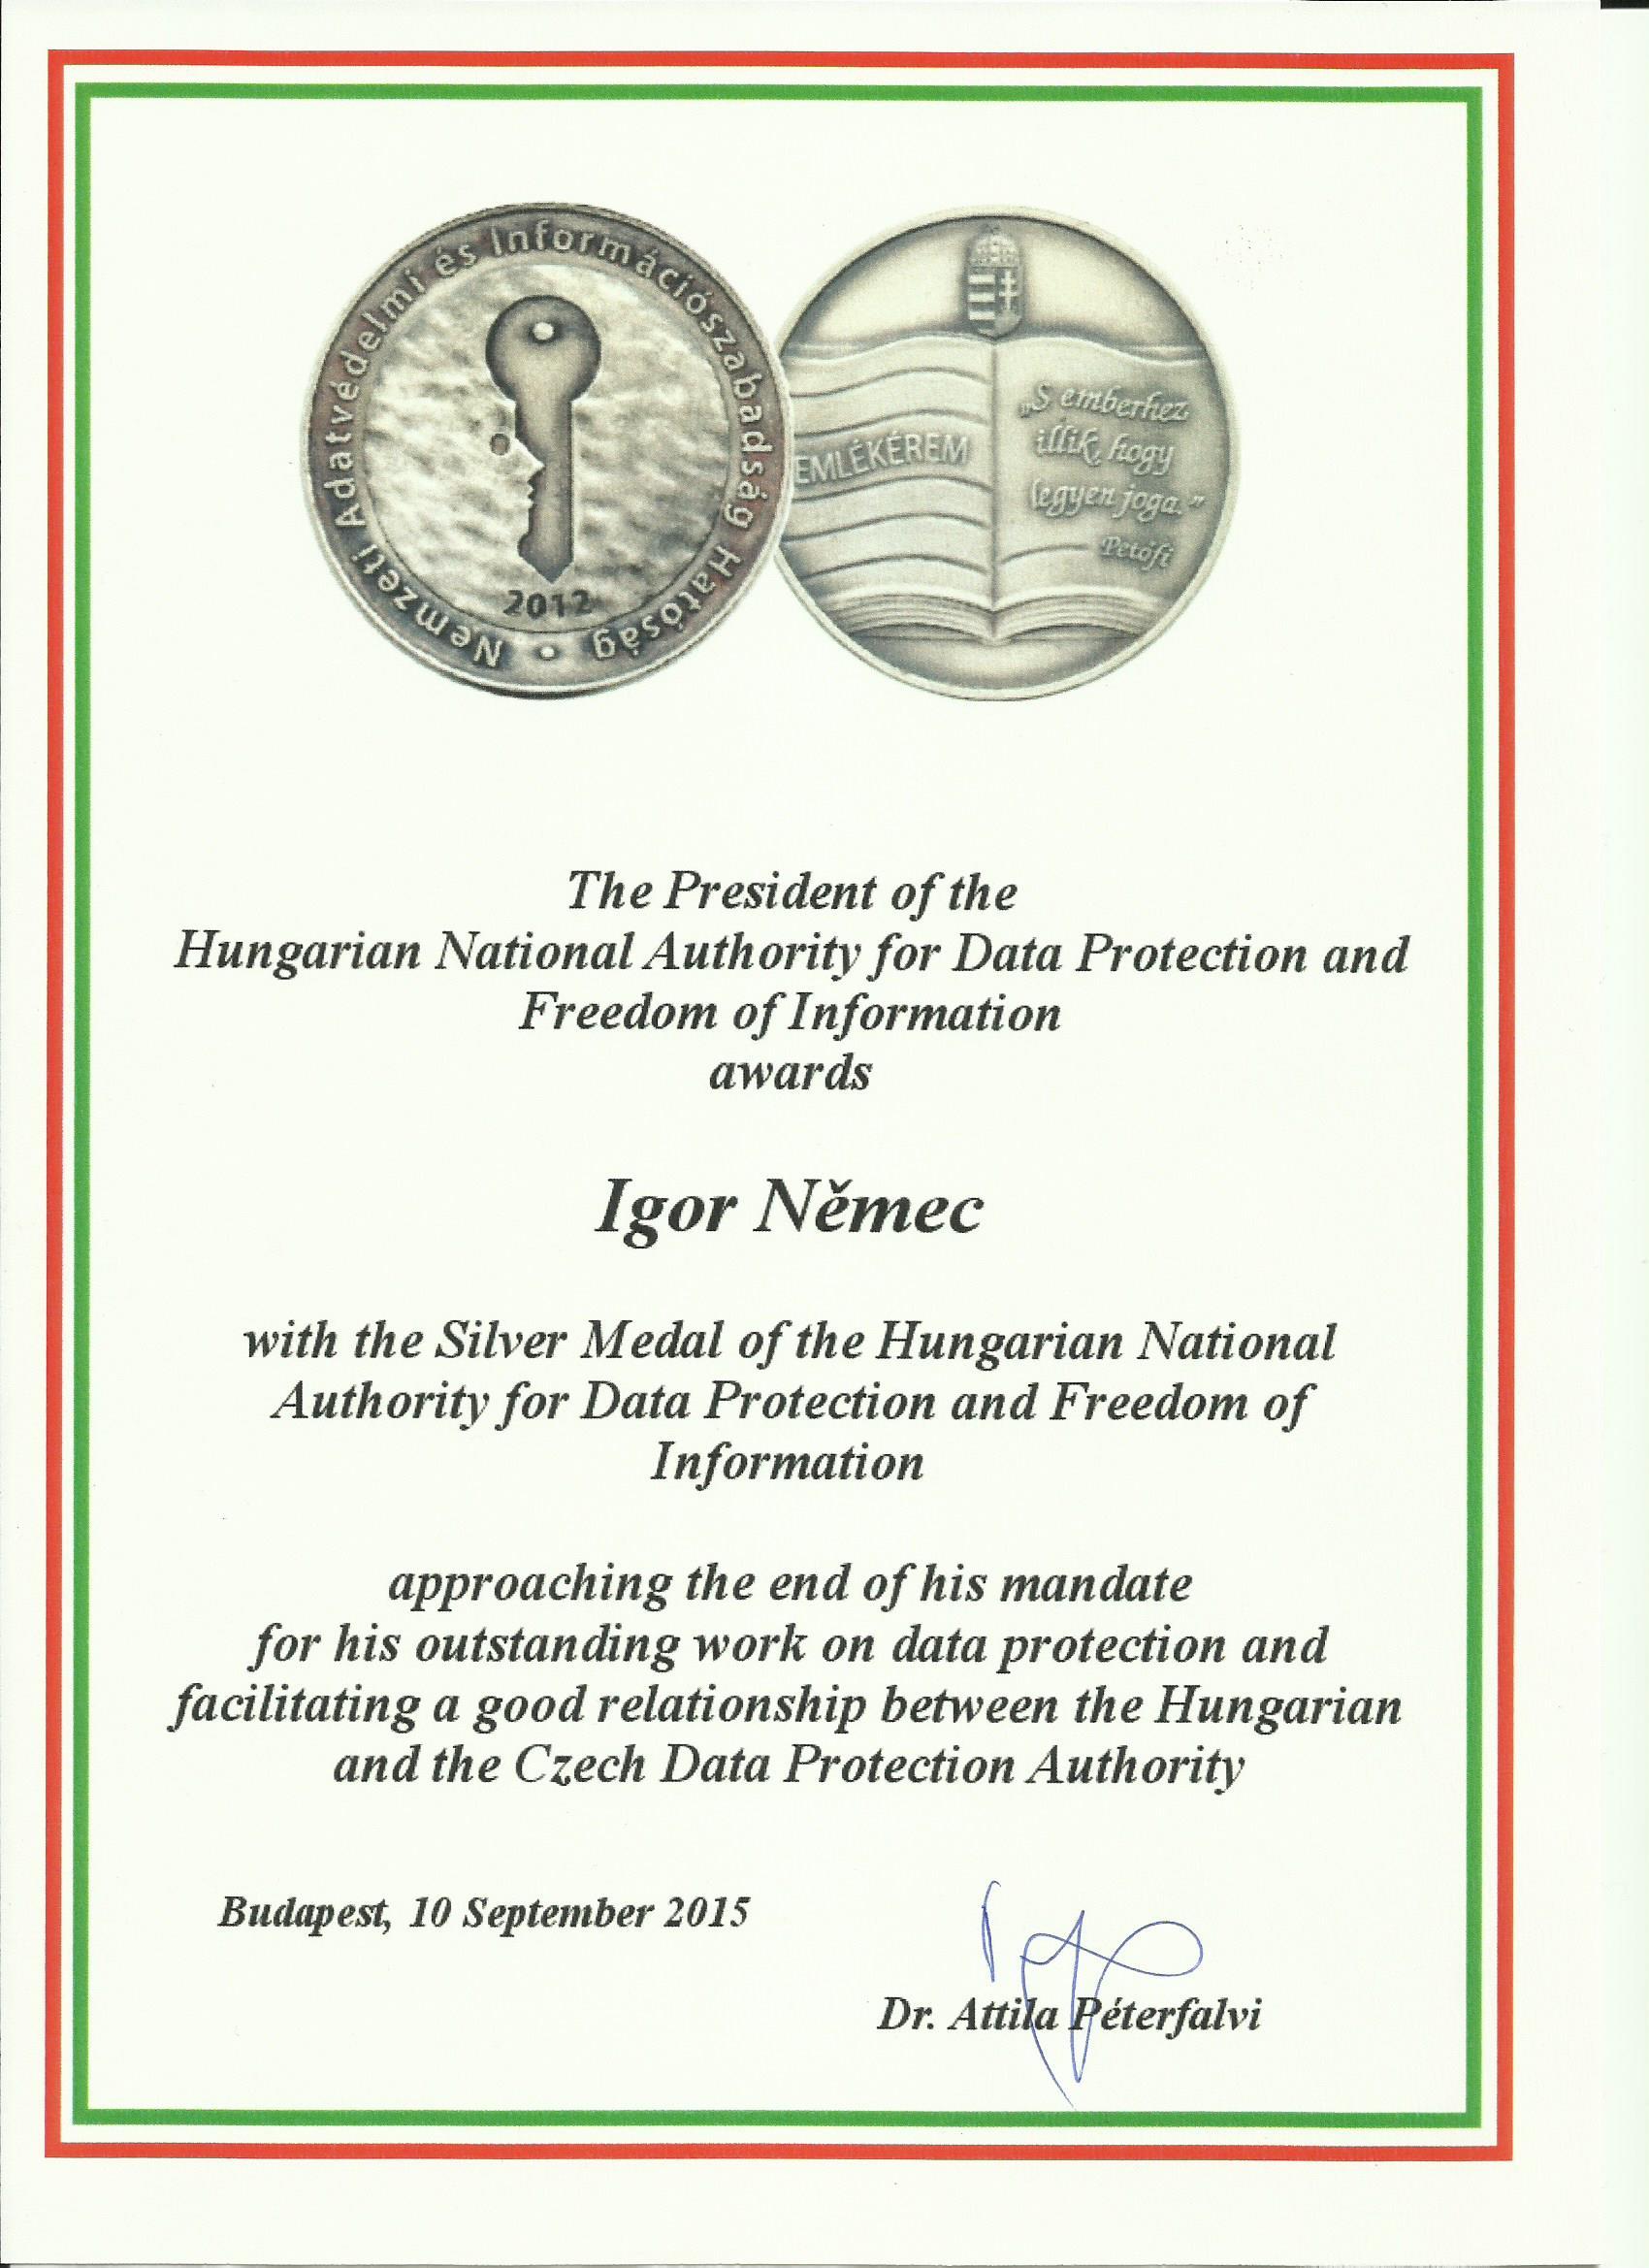 Maďarské ocenění 2015